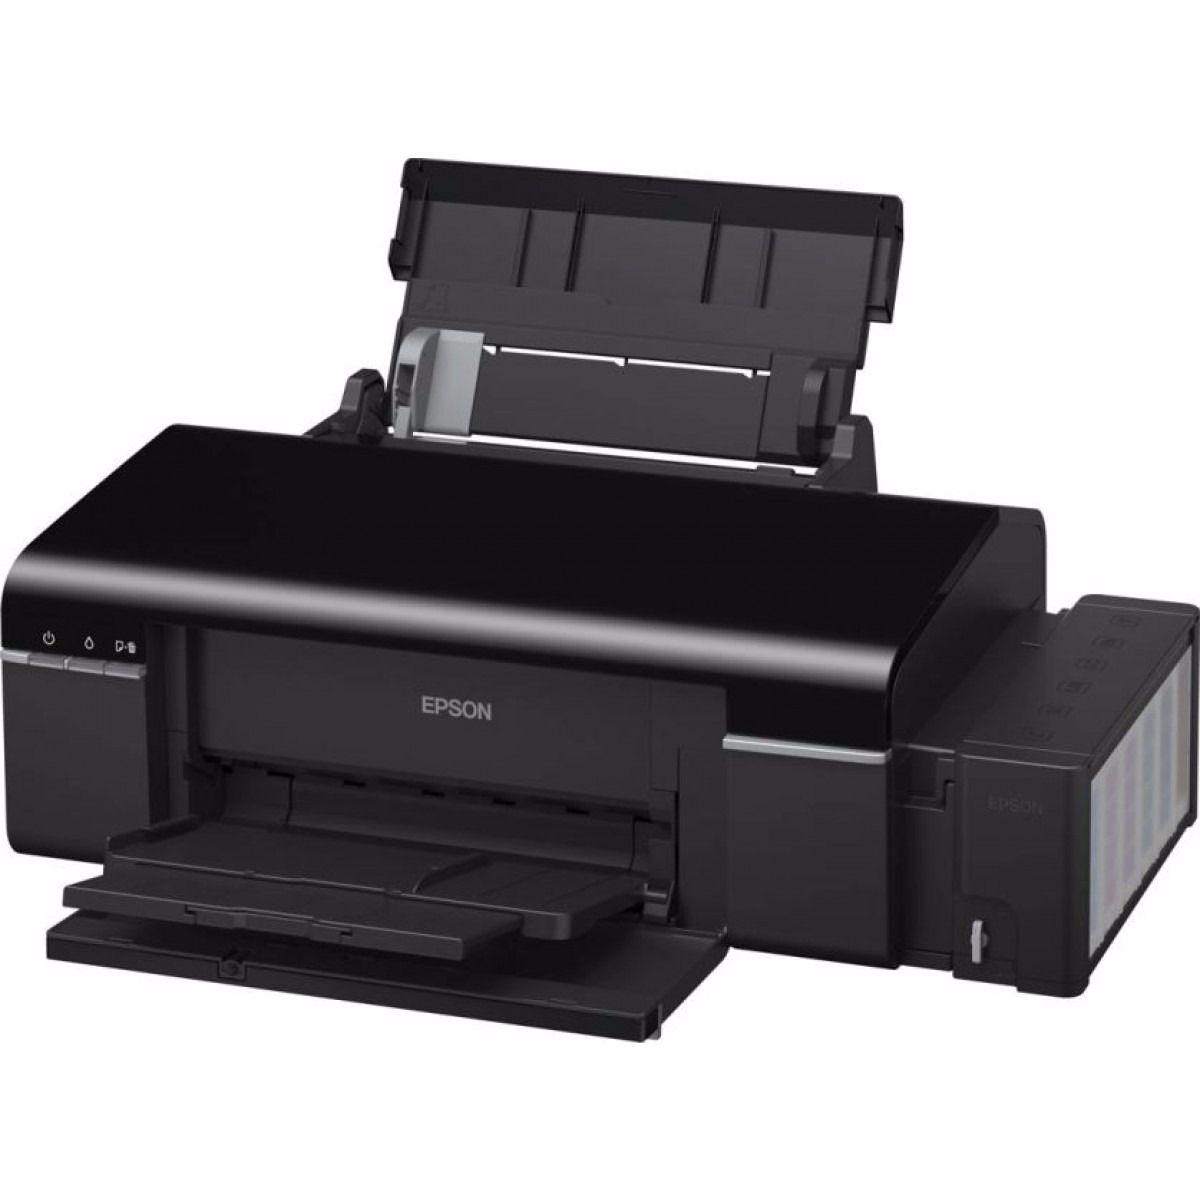 Скачать драйвер бесплатно для принтера л800